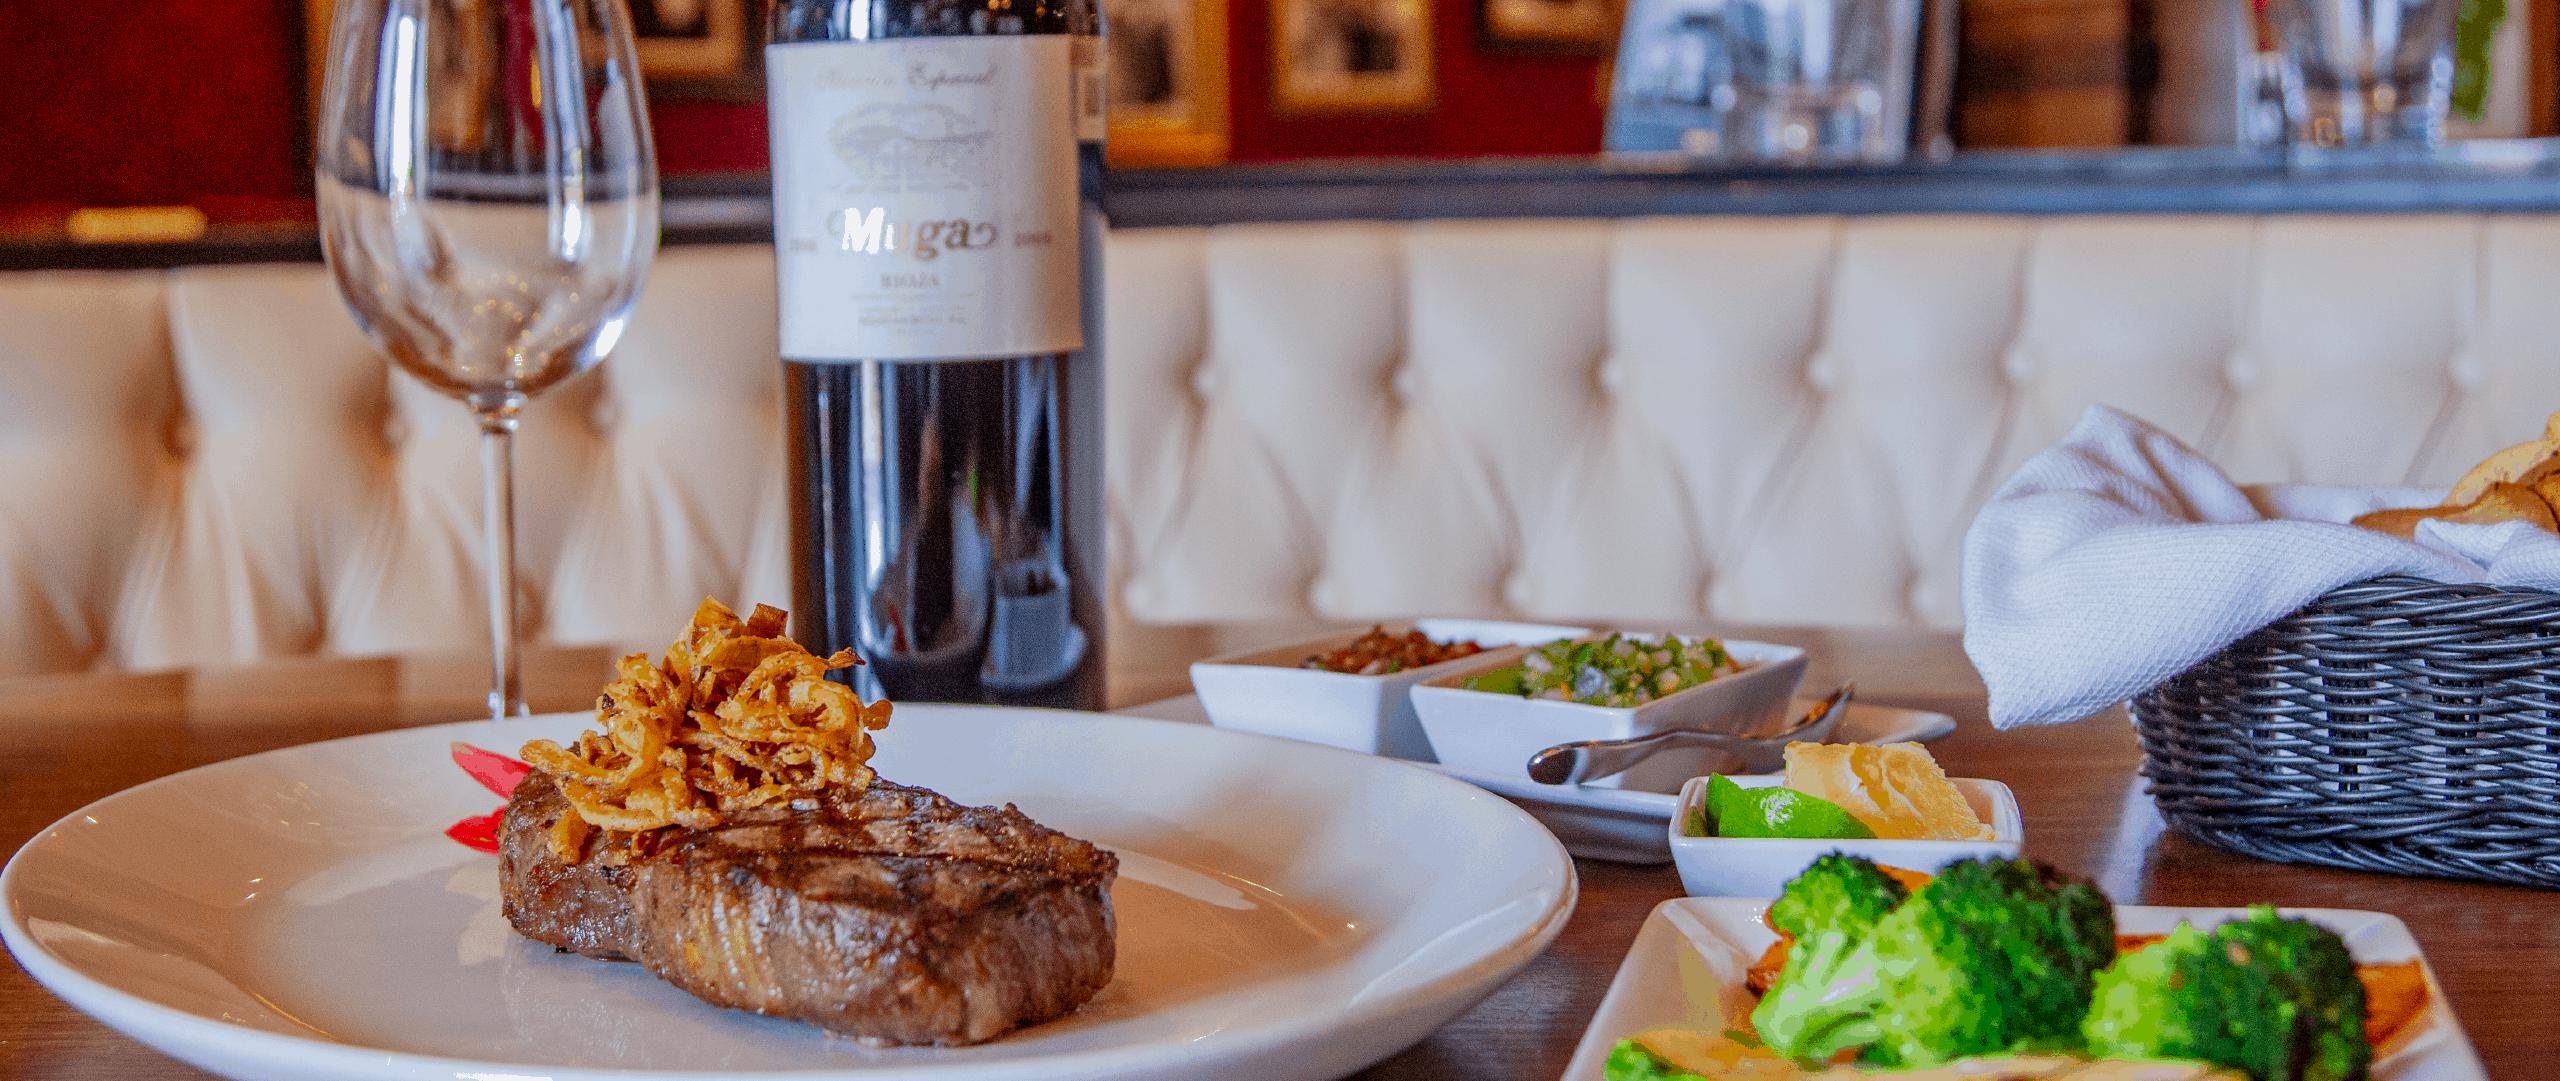 Restaurante el grill 2560x1081...1